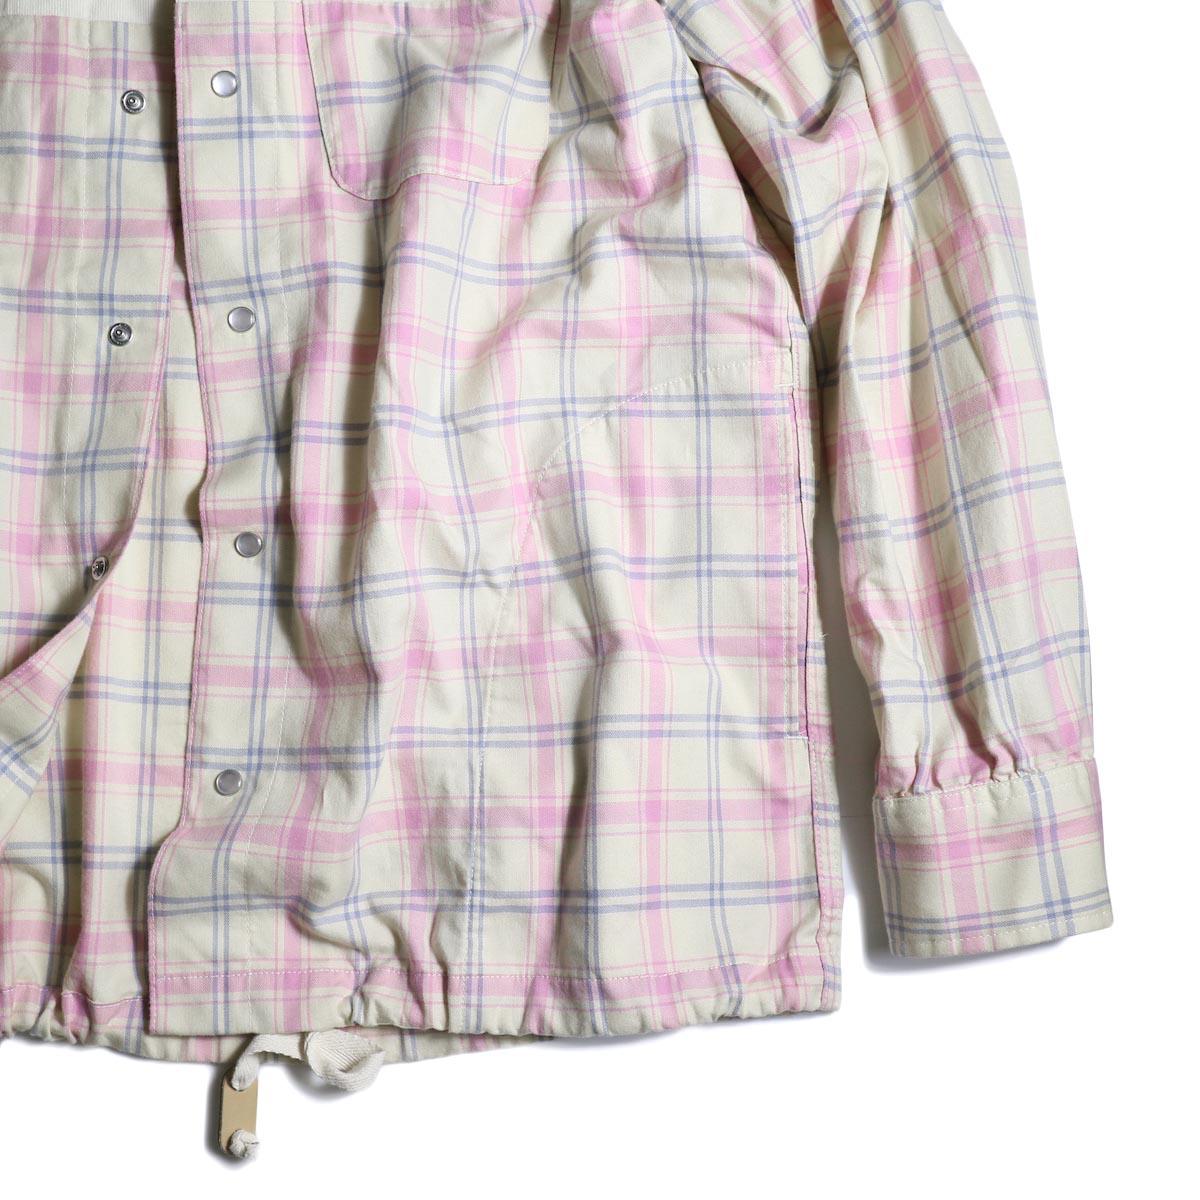 AiE / Coach Shirt -Cotton Plaid   袖、裾